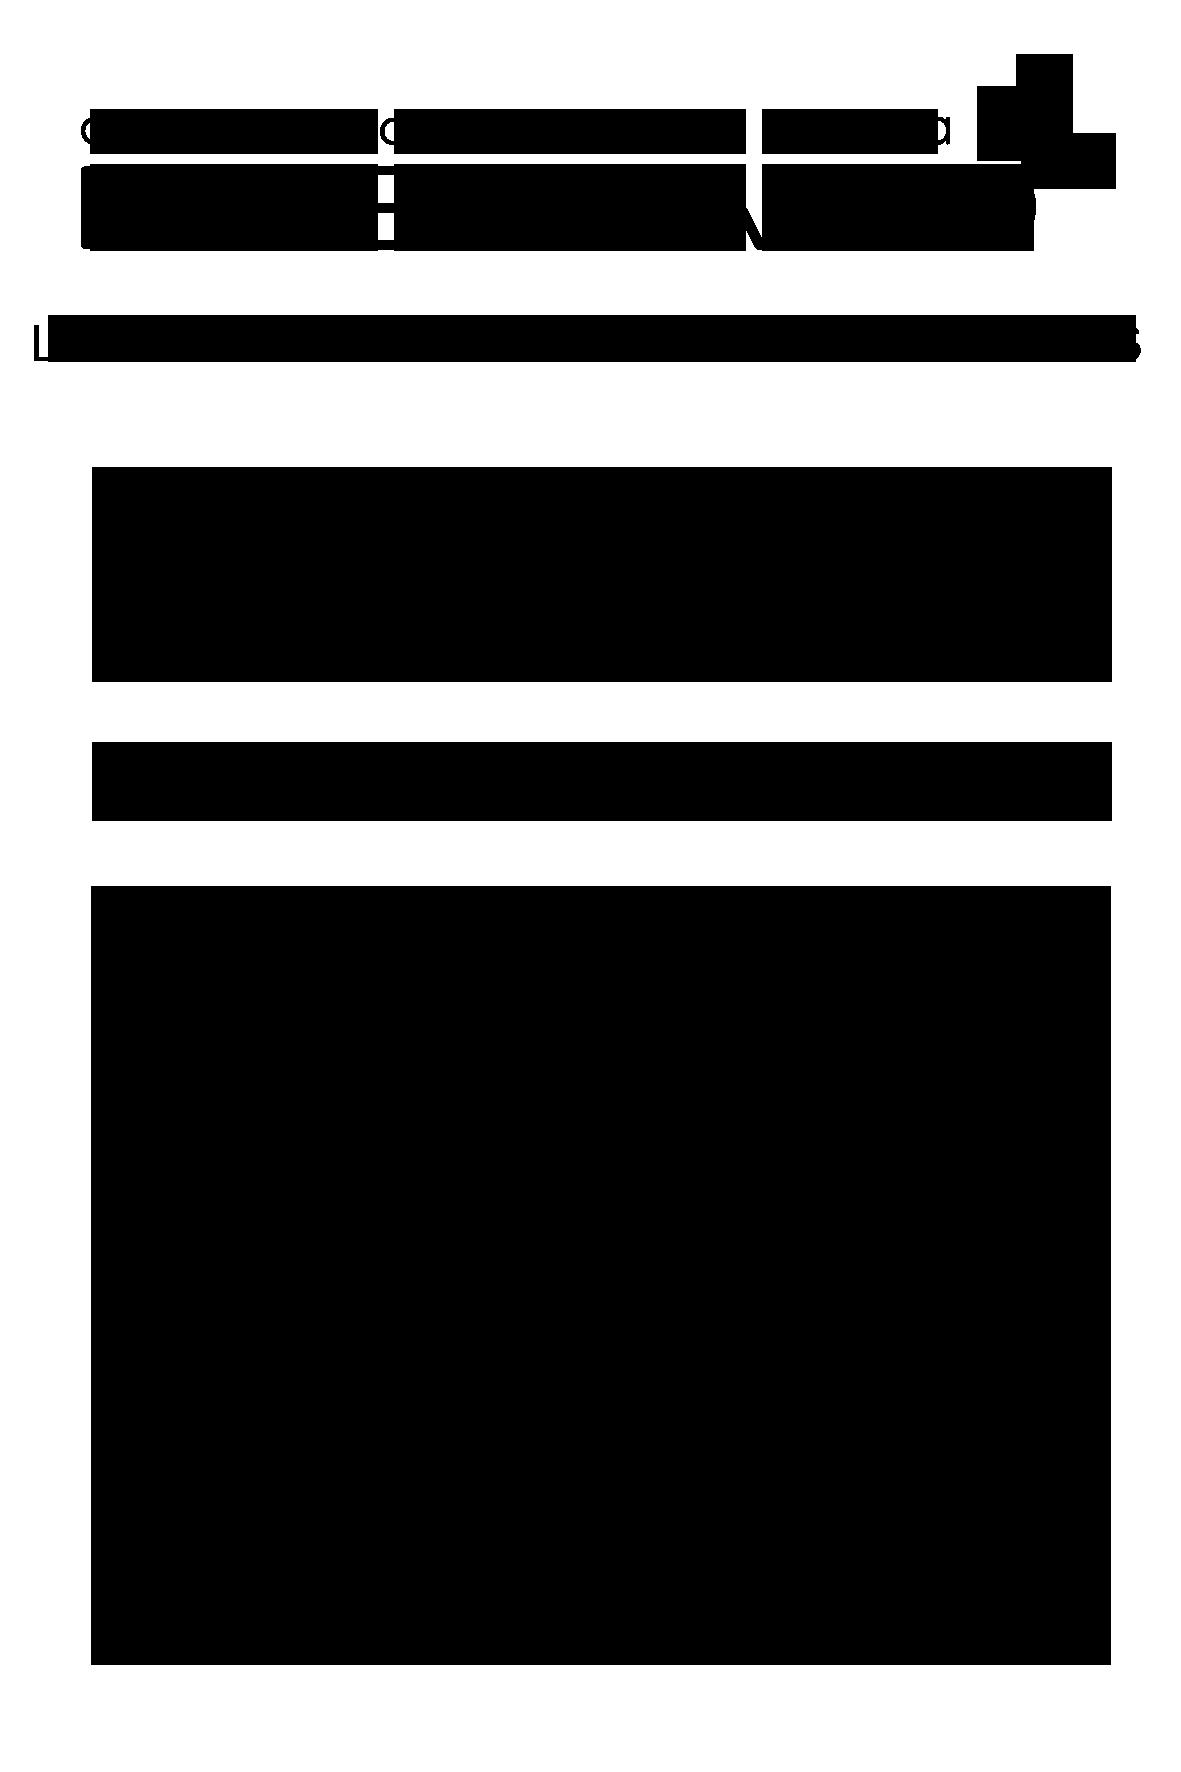 Limão em tiras Cristalizado 1kg (Granel) - Esverdeando